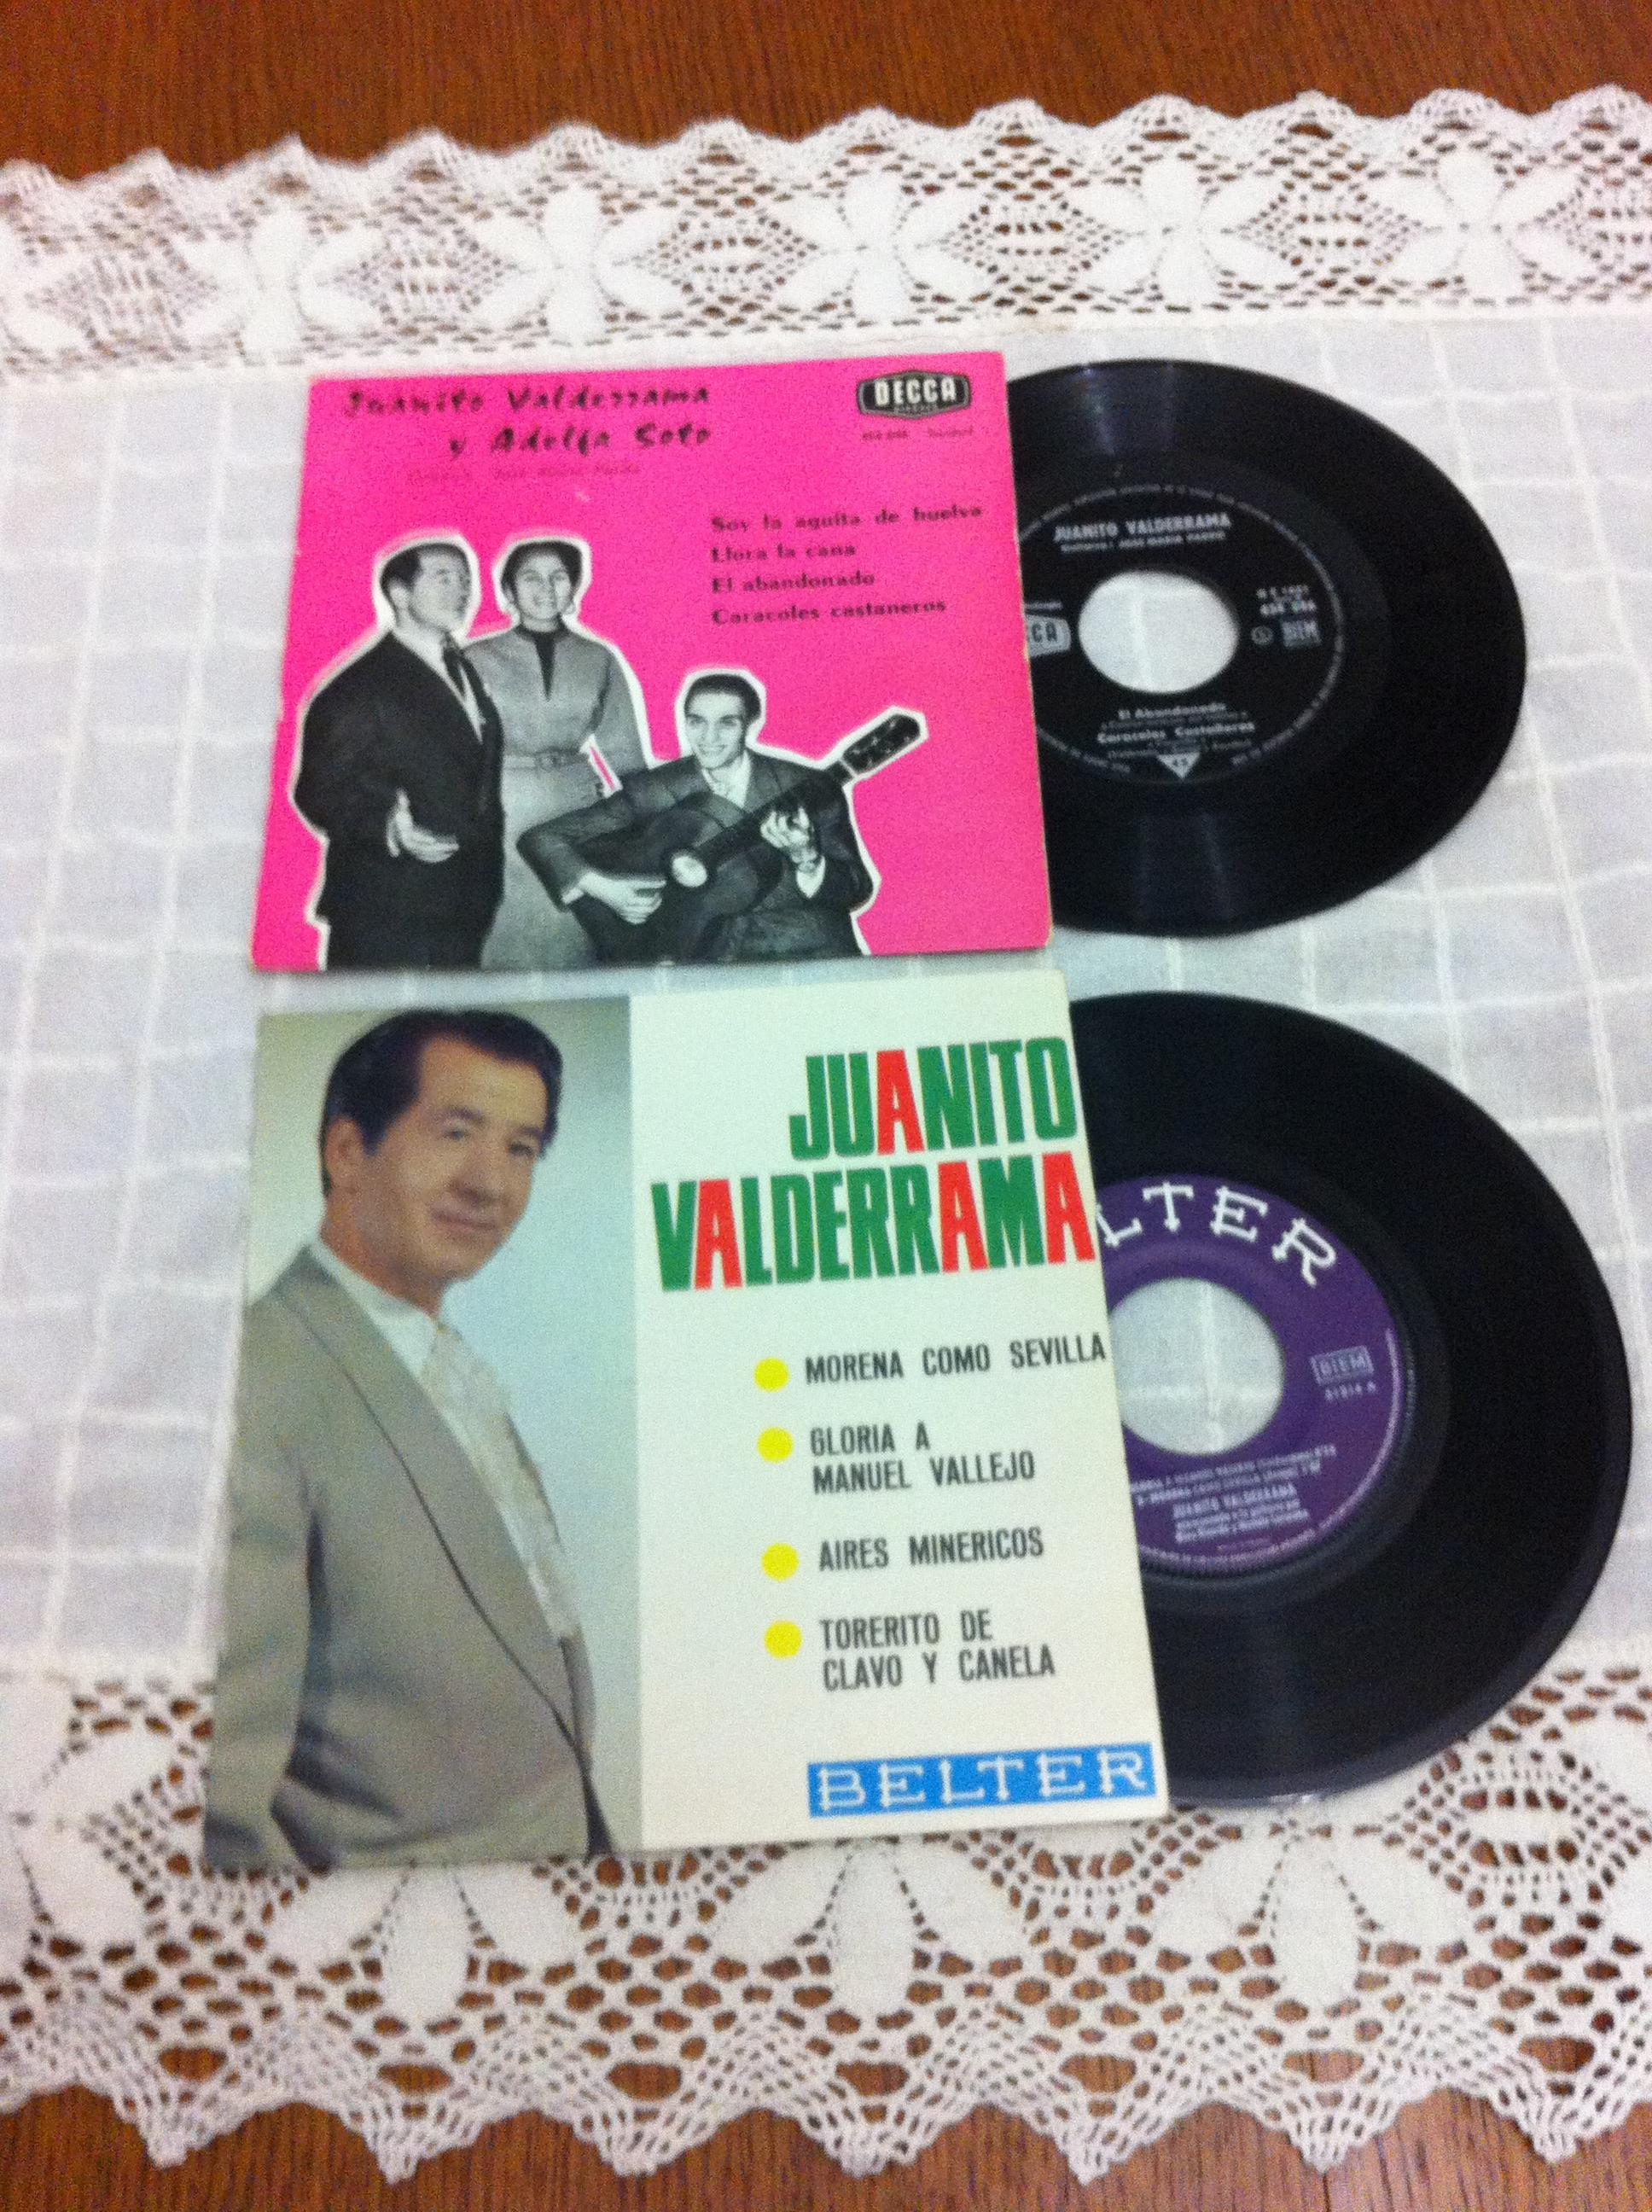 Flamenco cassette et disque vinyle   - Page 3 14022310013914950712010068